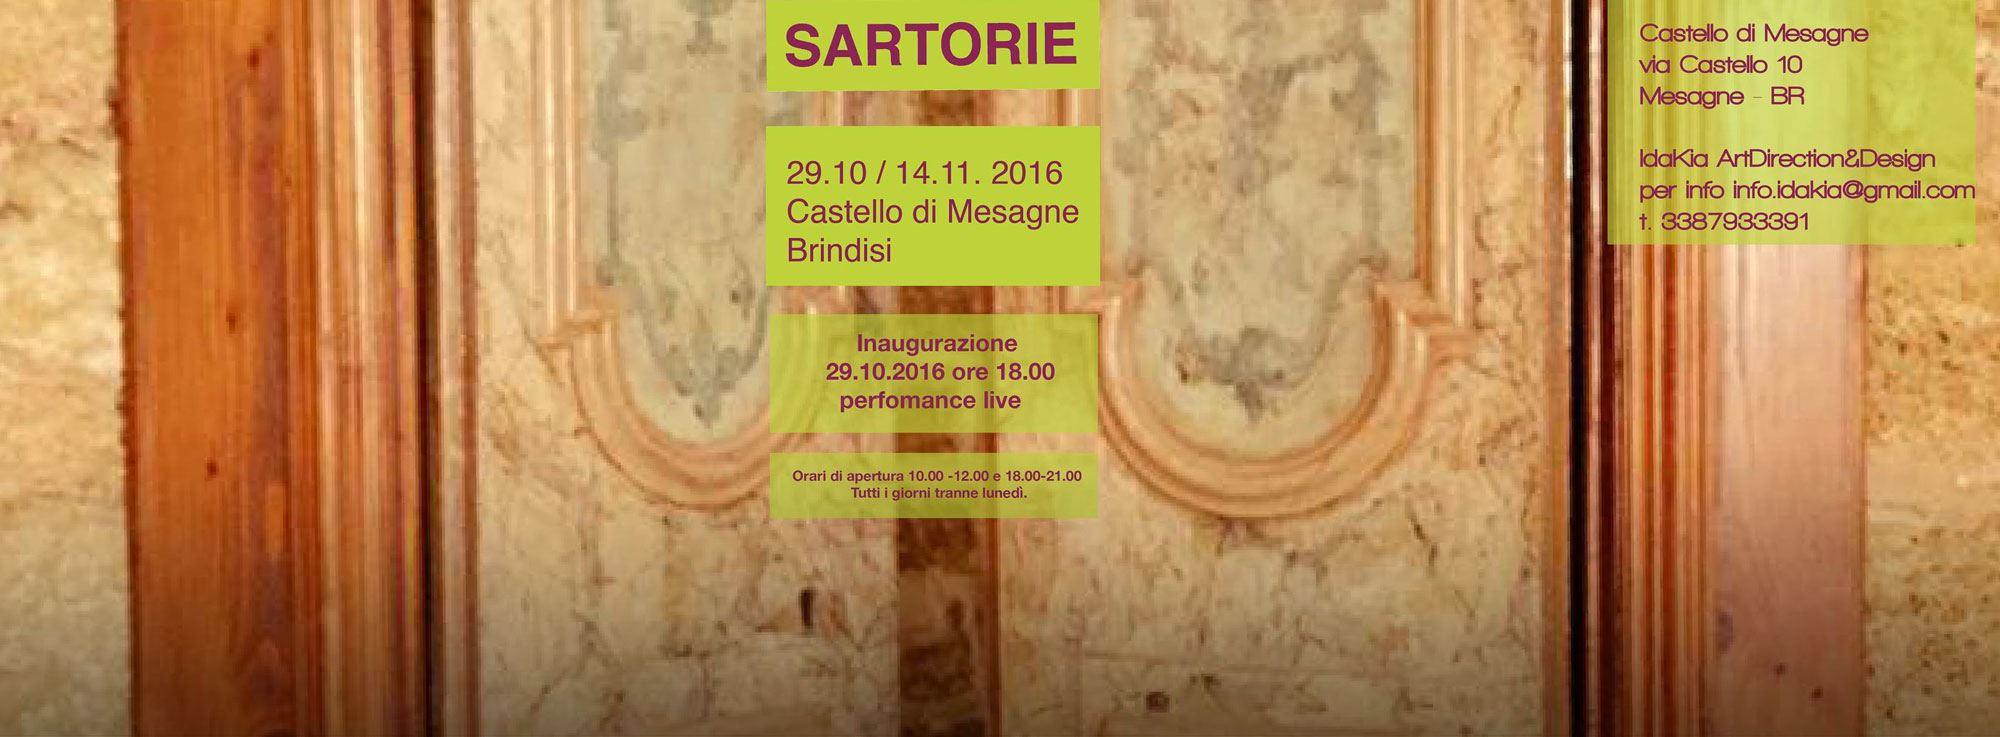 Mesagne: Paesaggi Sartoriali, mostra al Castello